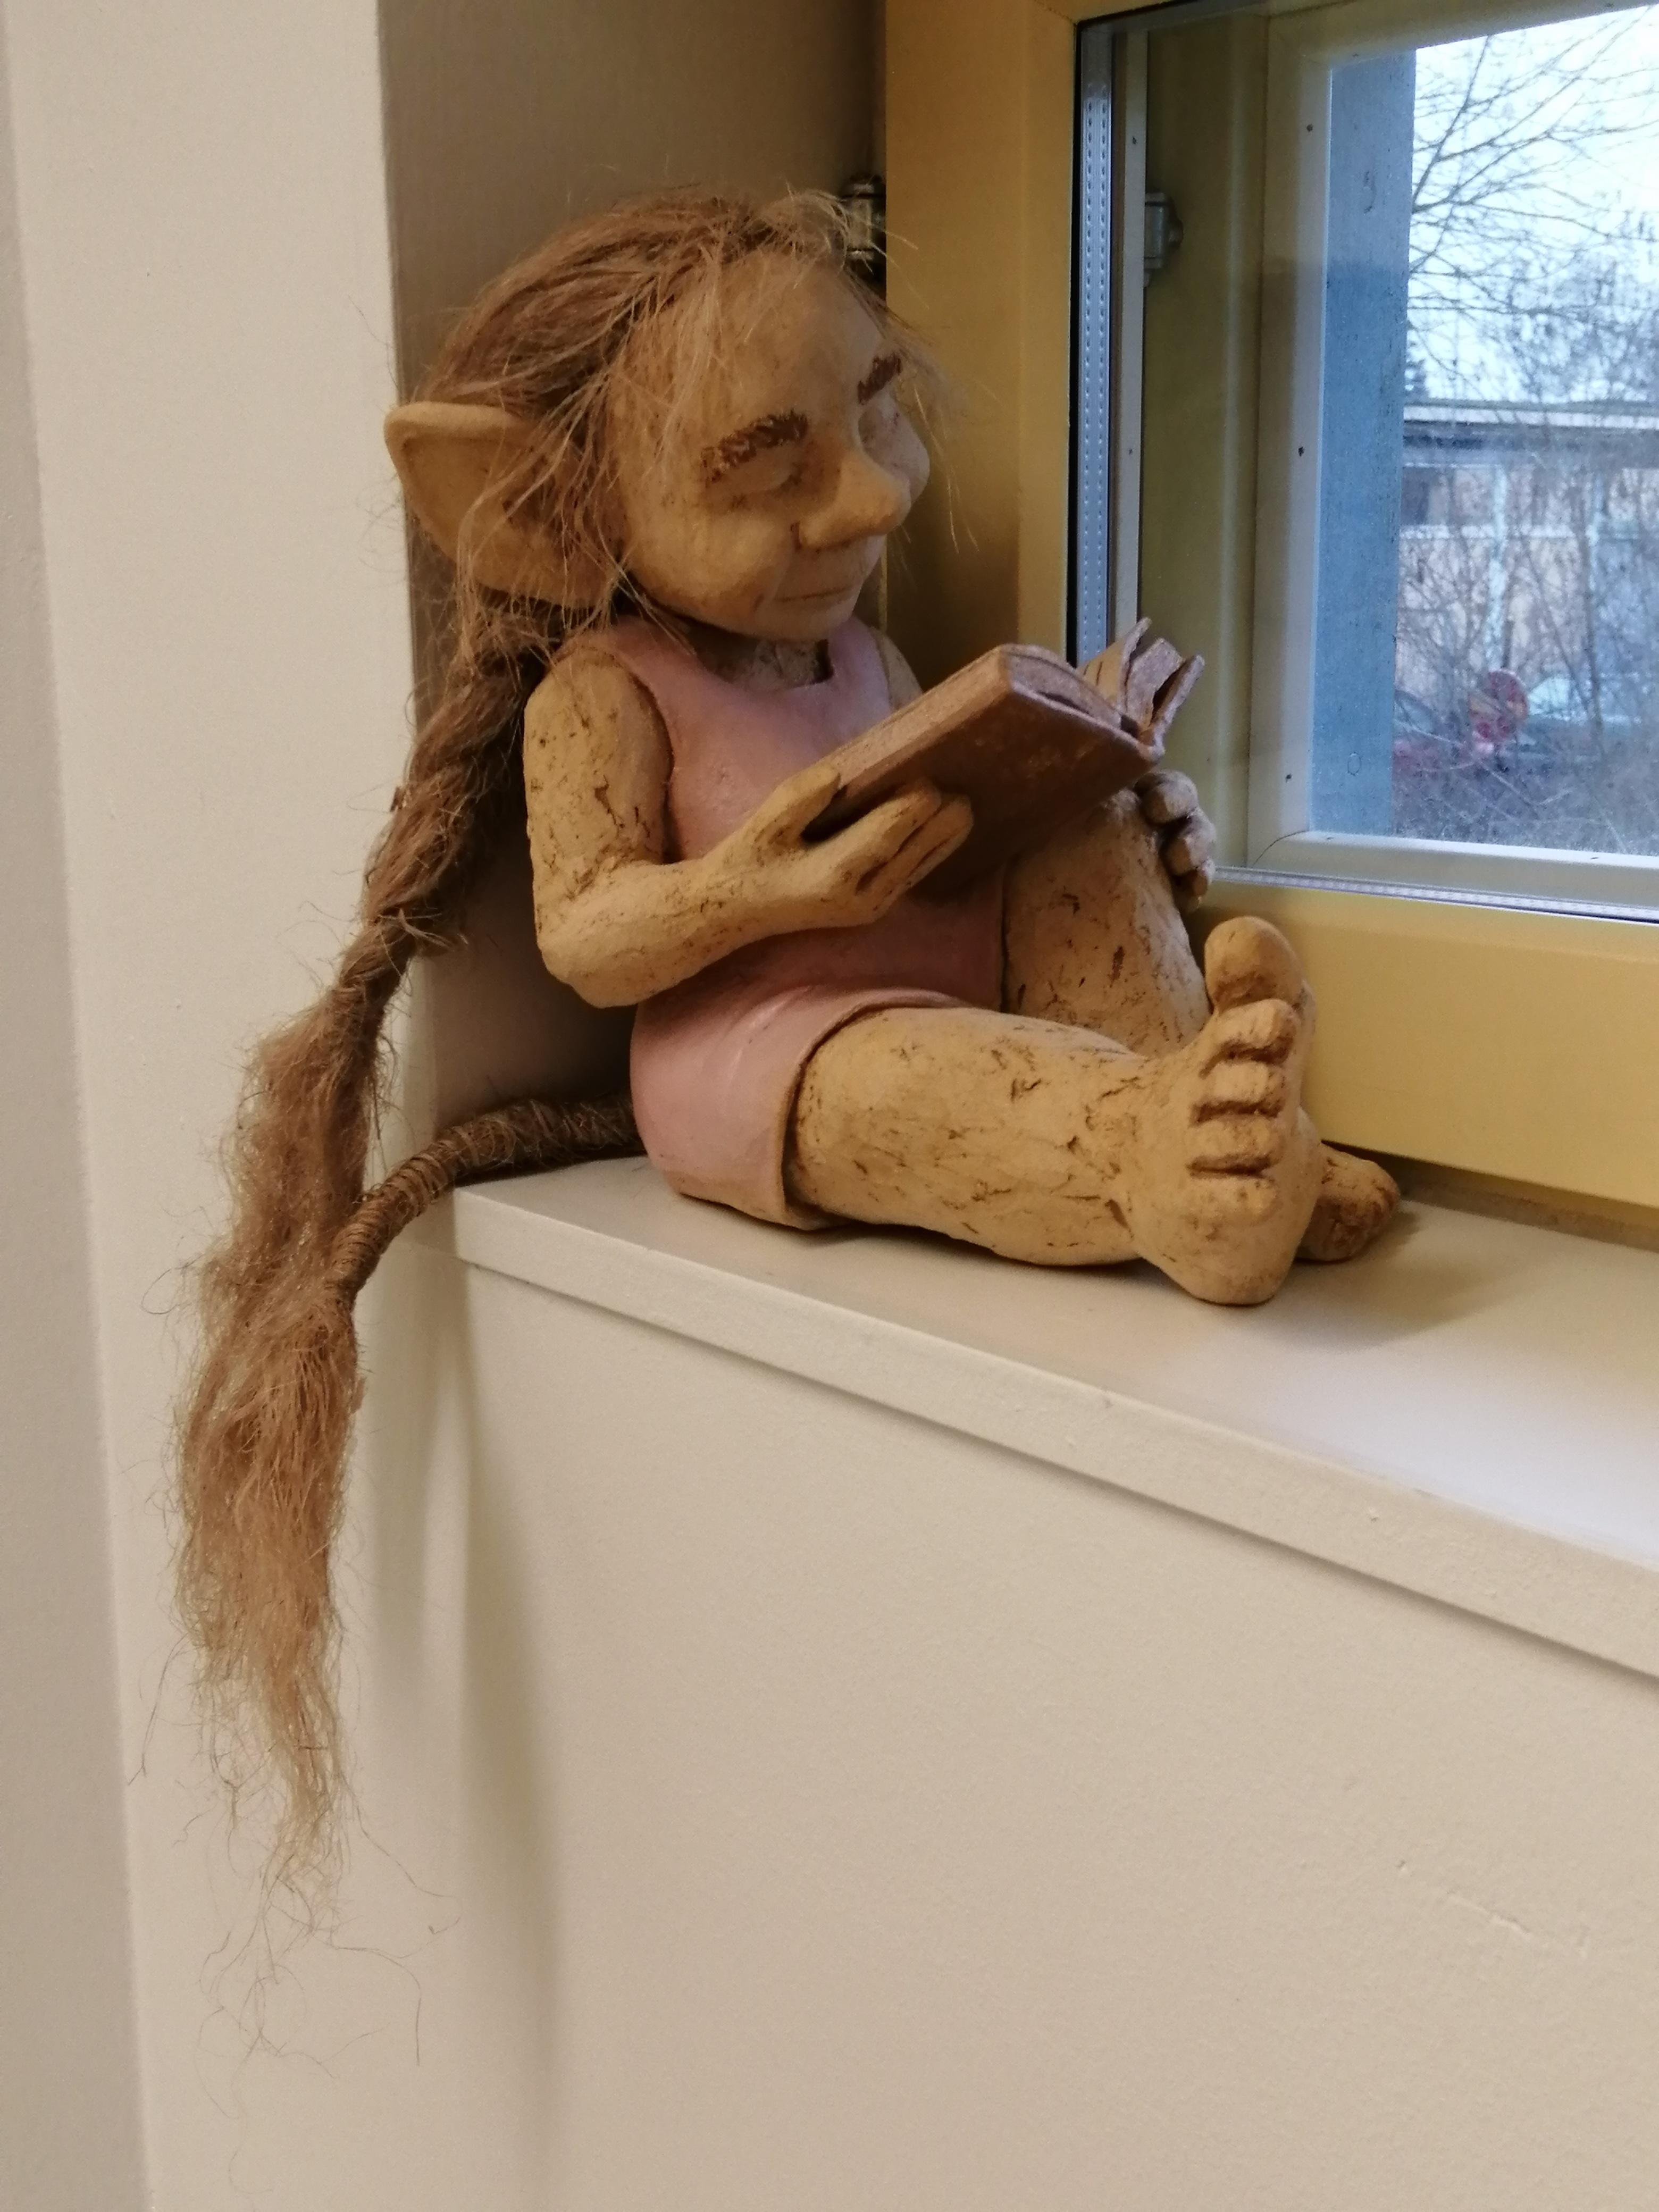 Peikkotyttö ikkunalaudalla lempikirjansa parissa